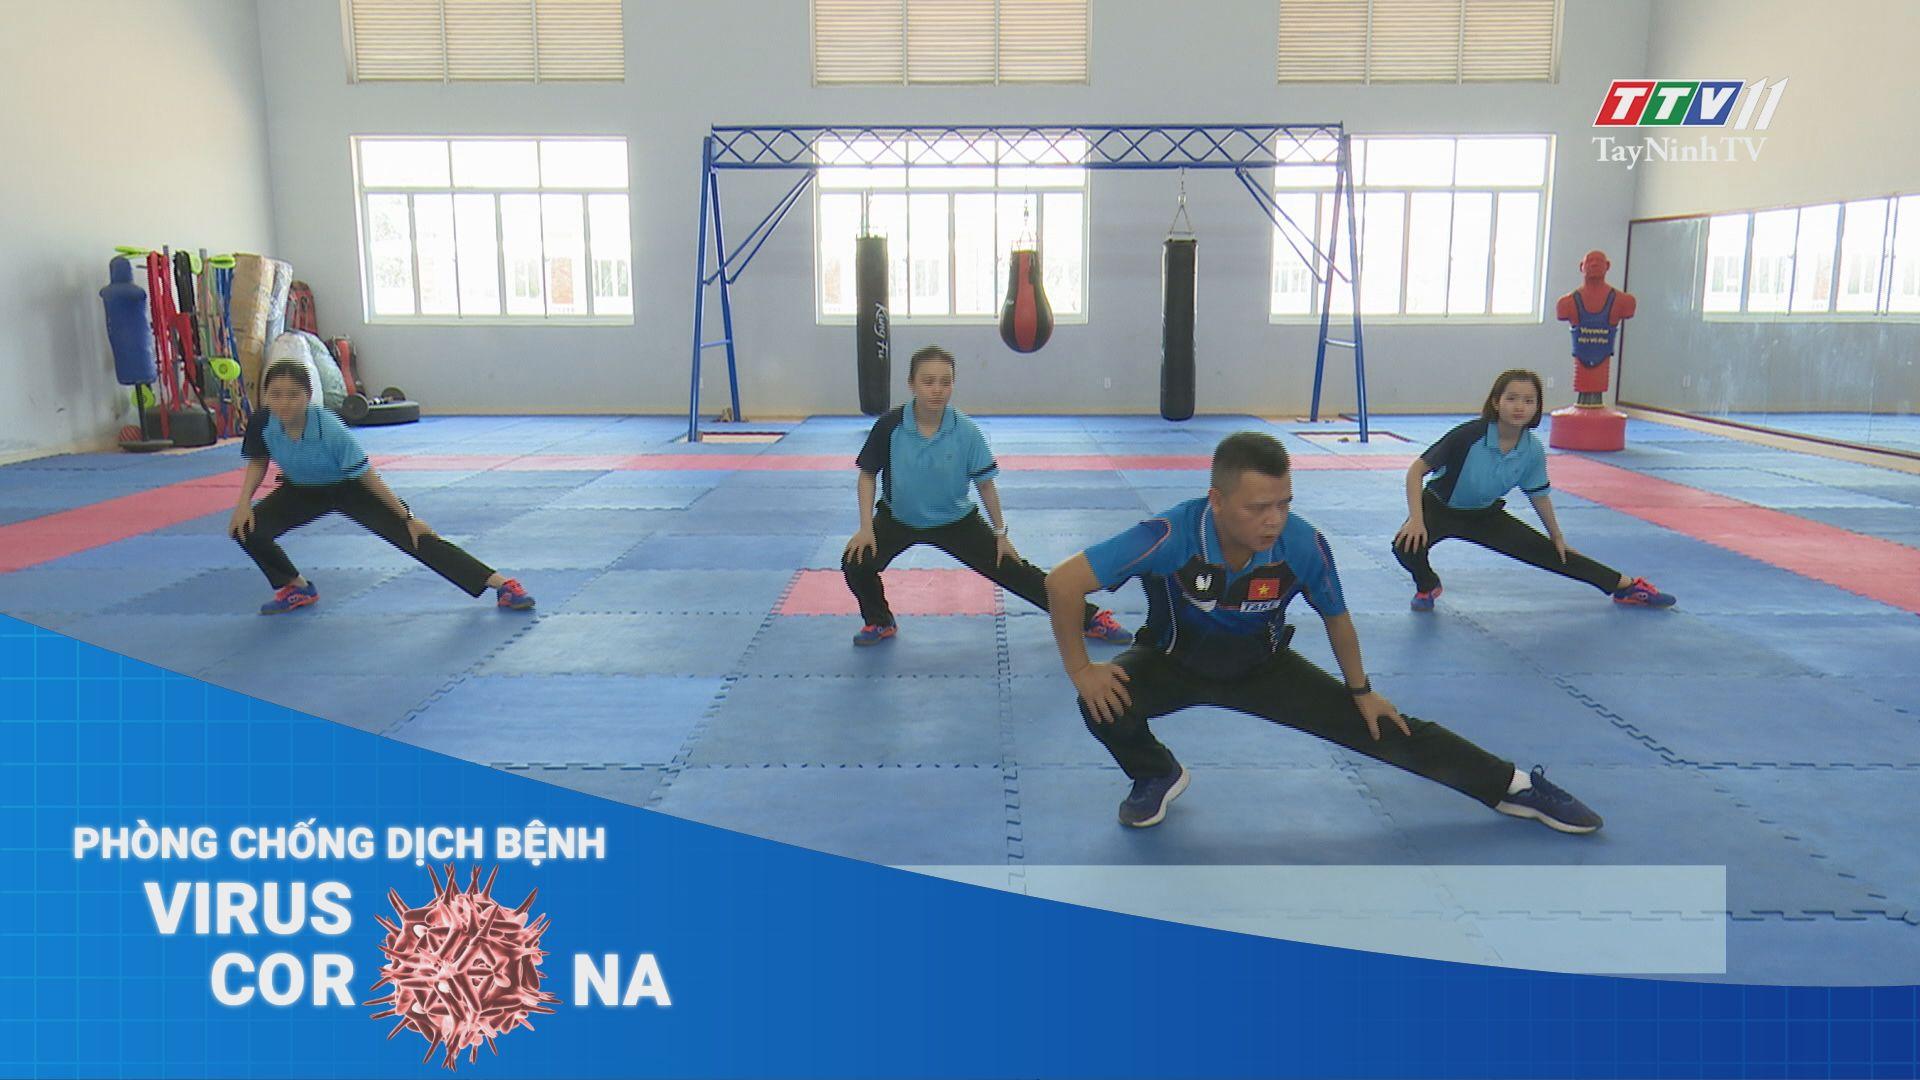 Hướng dẫn tập thể dục tại nhà mùa dịch | THÔNG TIN DỊCH CÚM COVID-19 | TayNinhTV